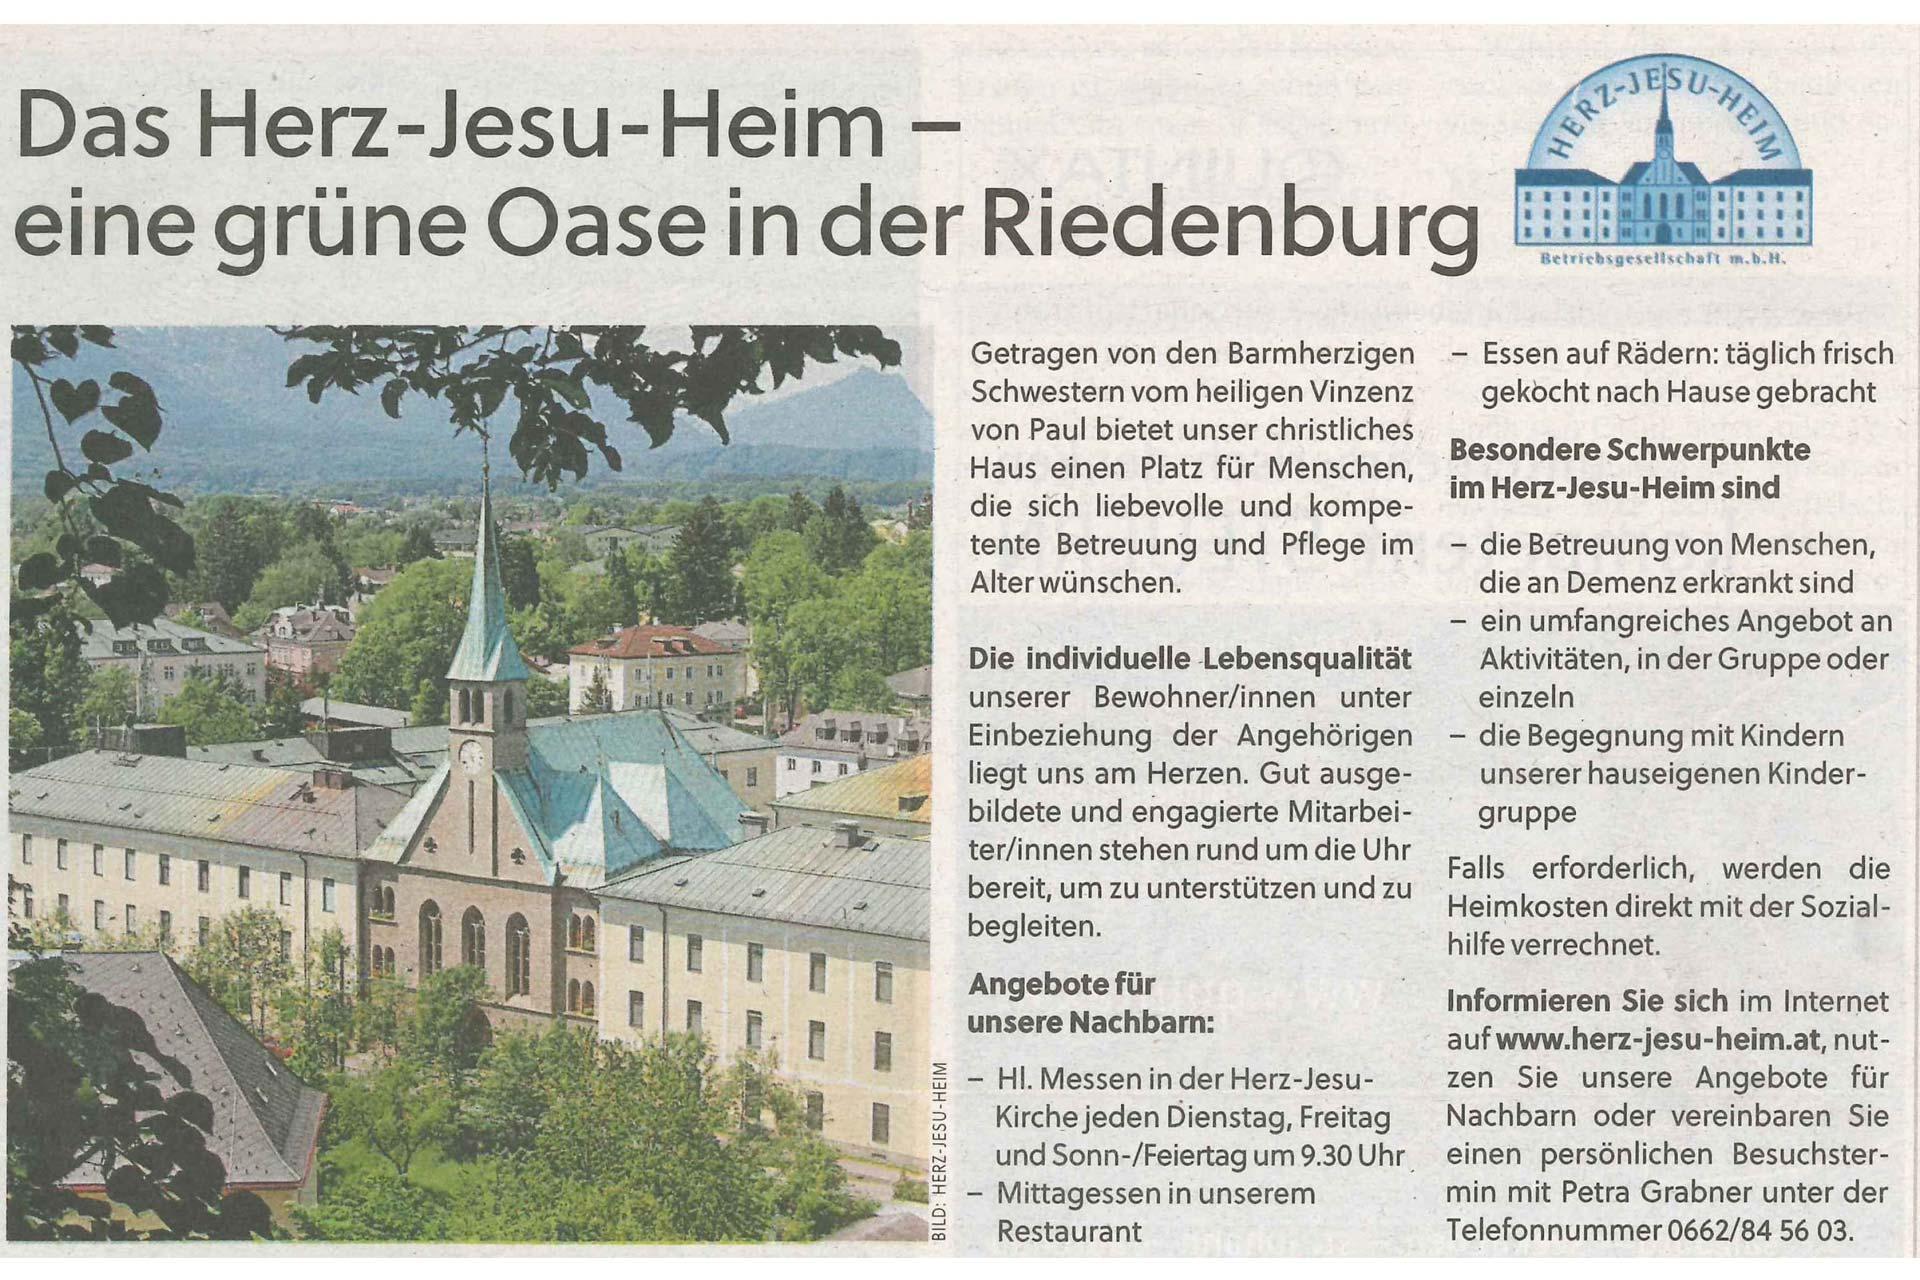 Beitragsbild Eine grüne Oase in der Riedenburg